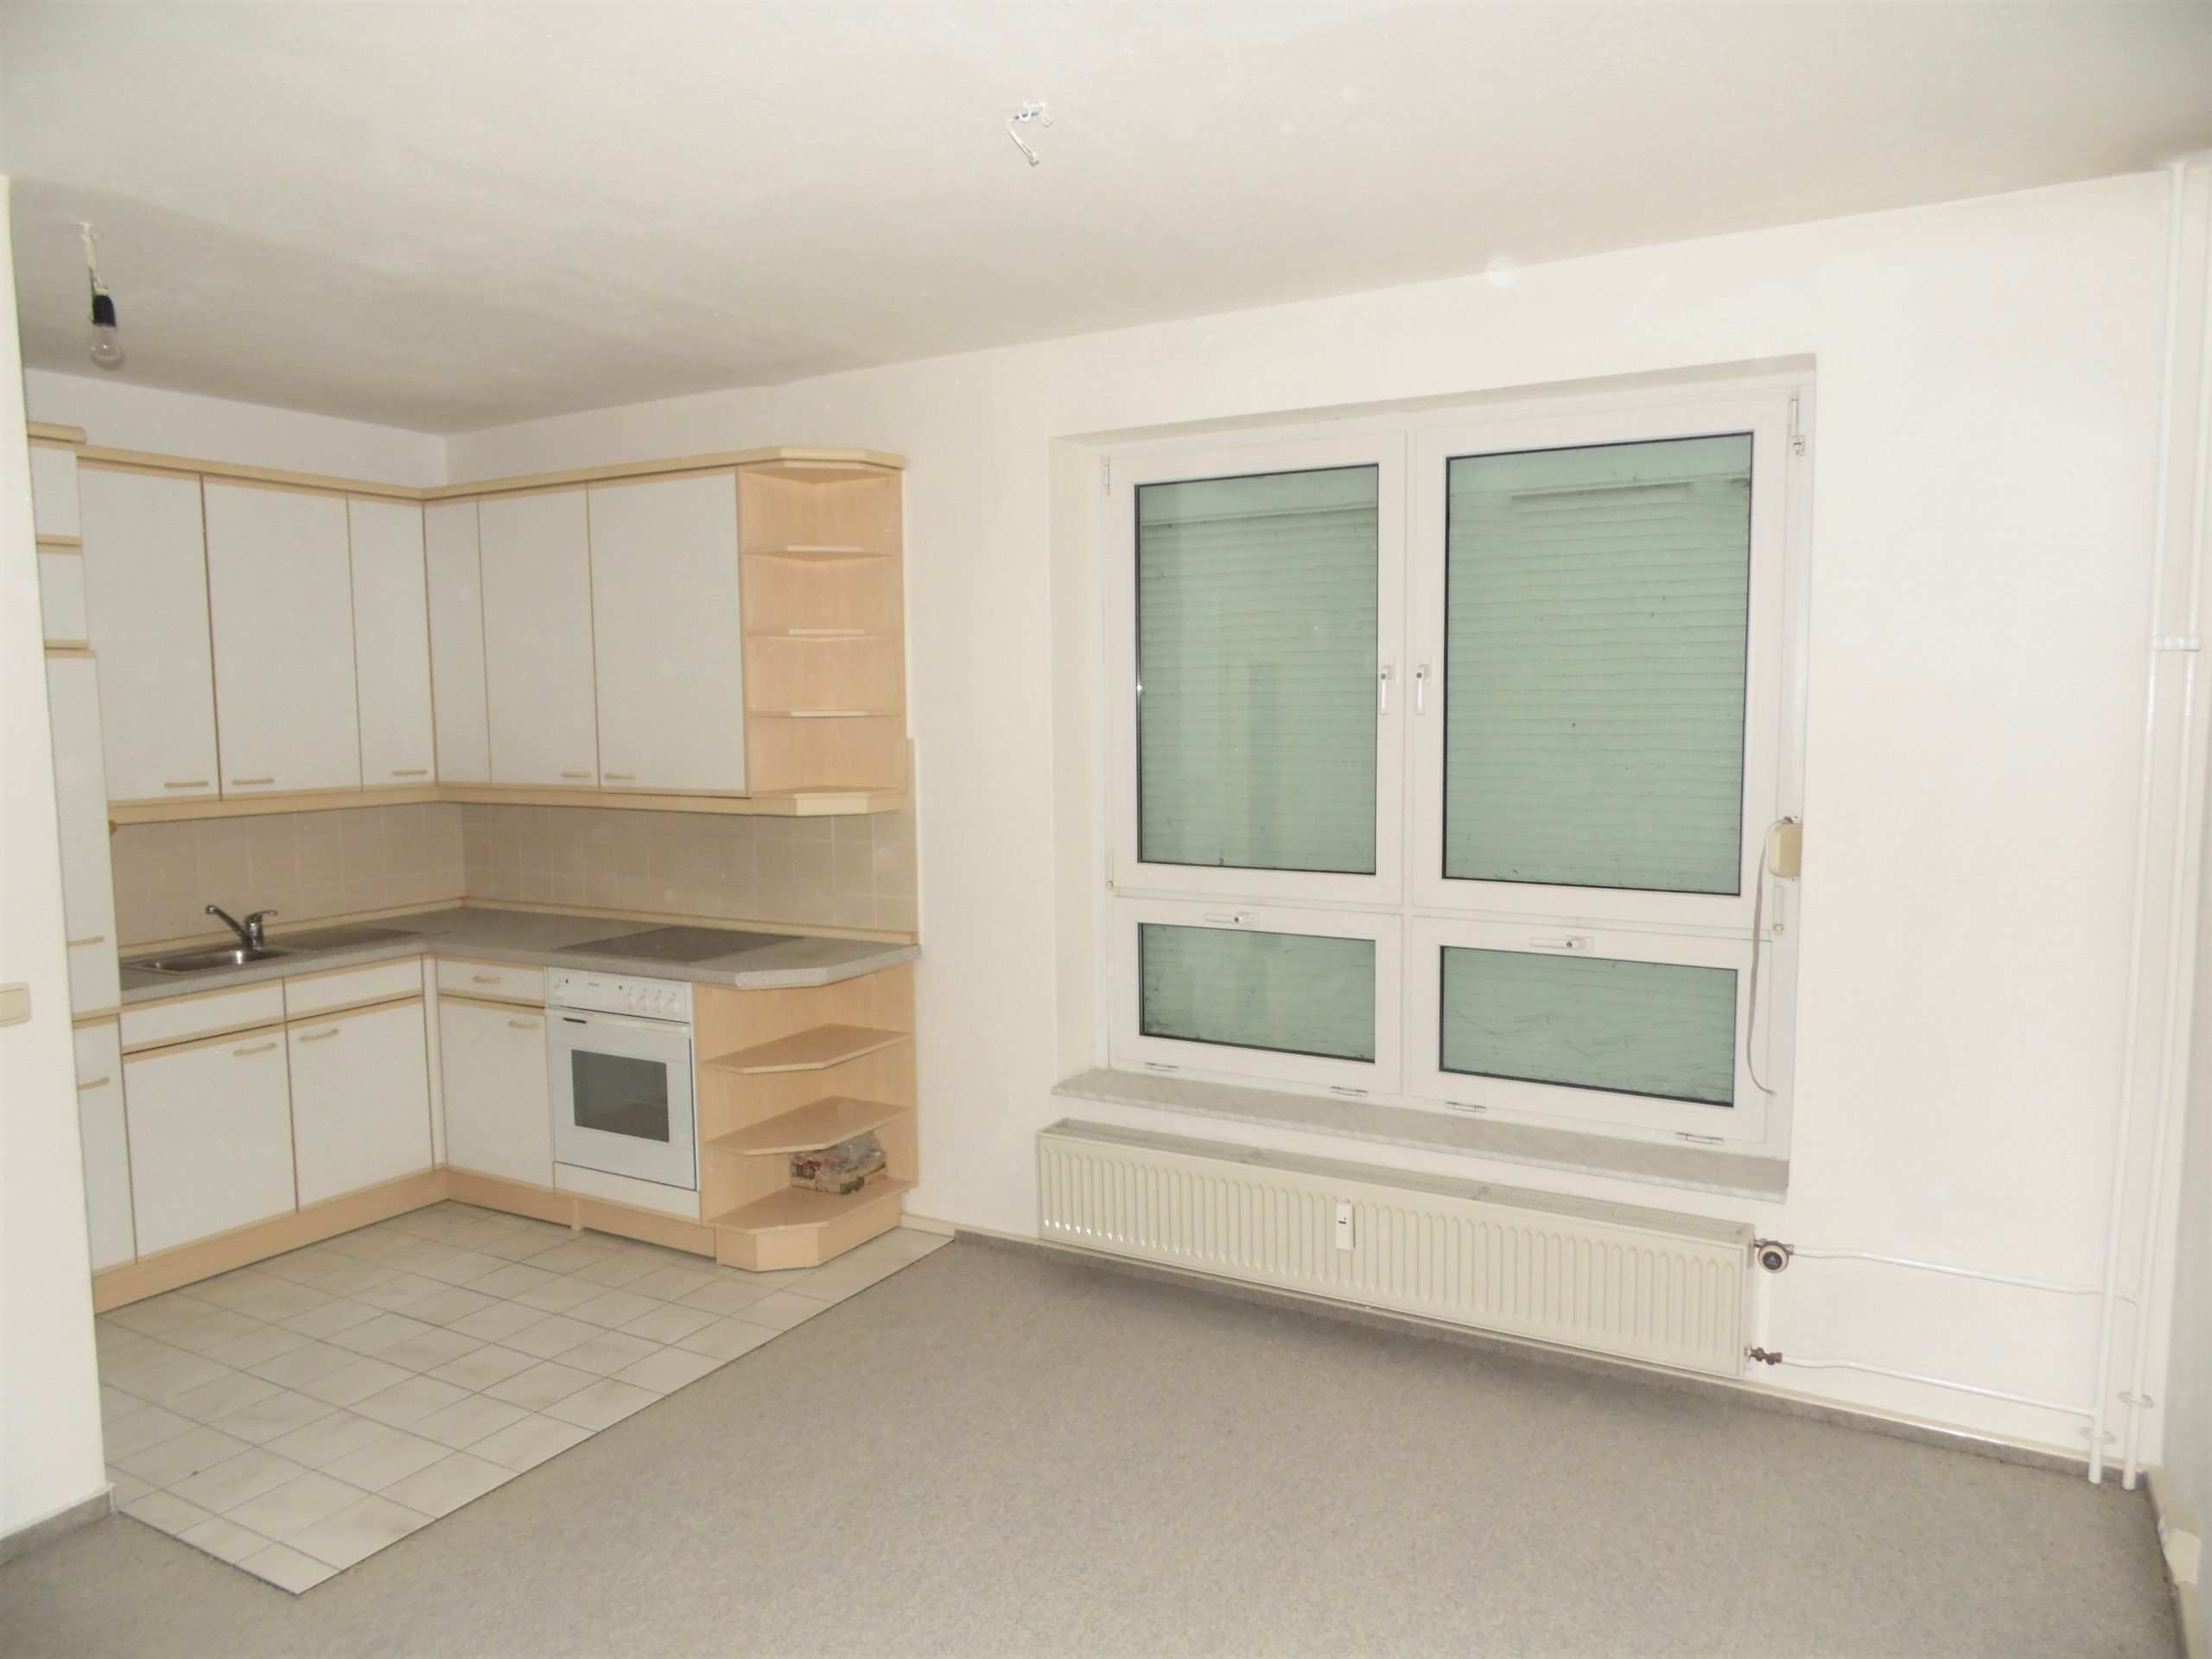 Eigentumswohnung Lise-Meitner-Str. 1 - offene Küche